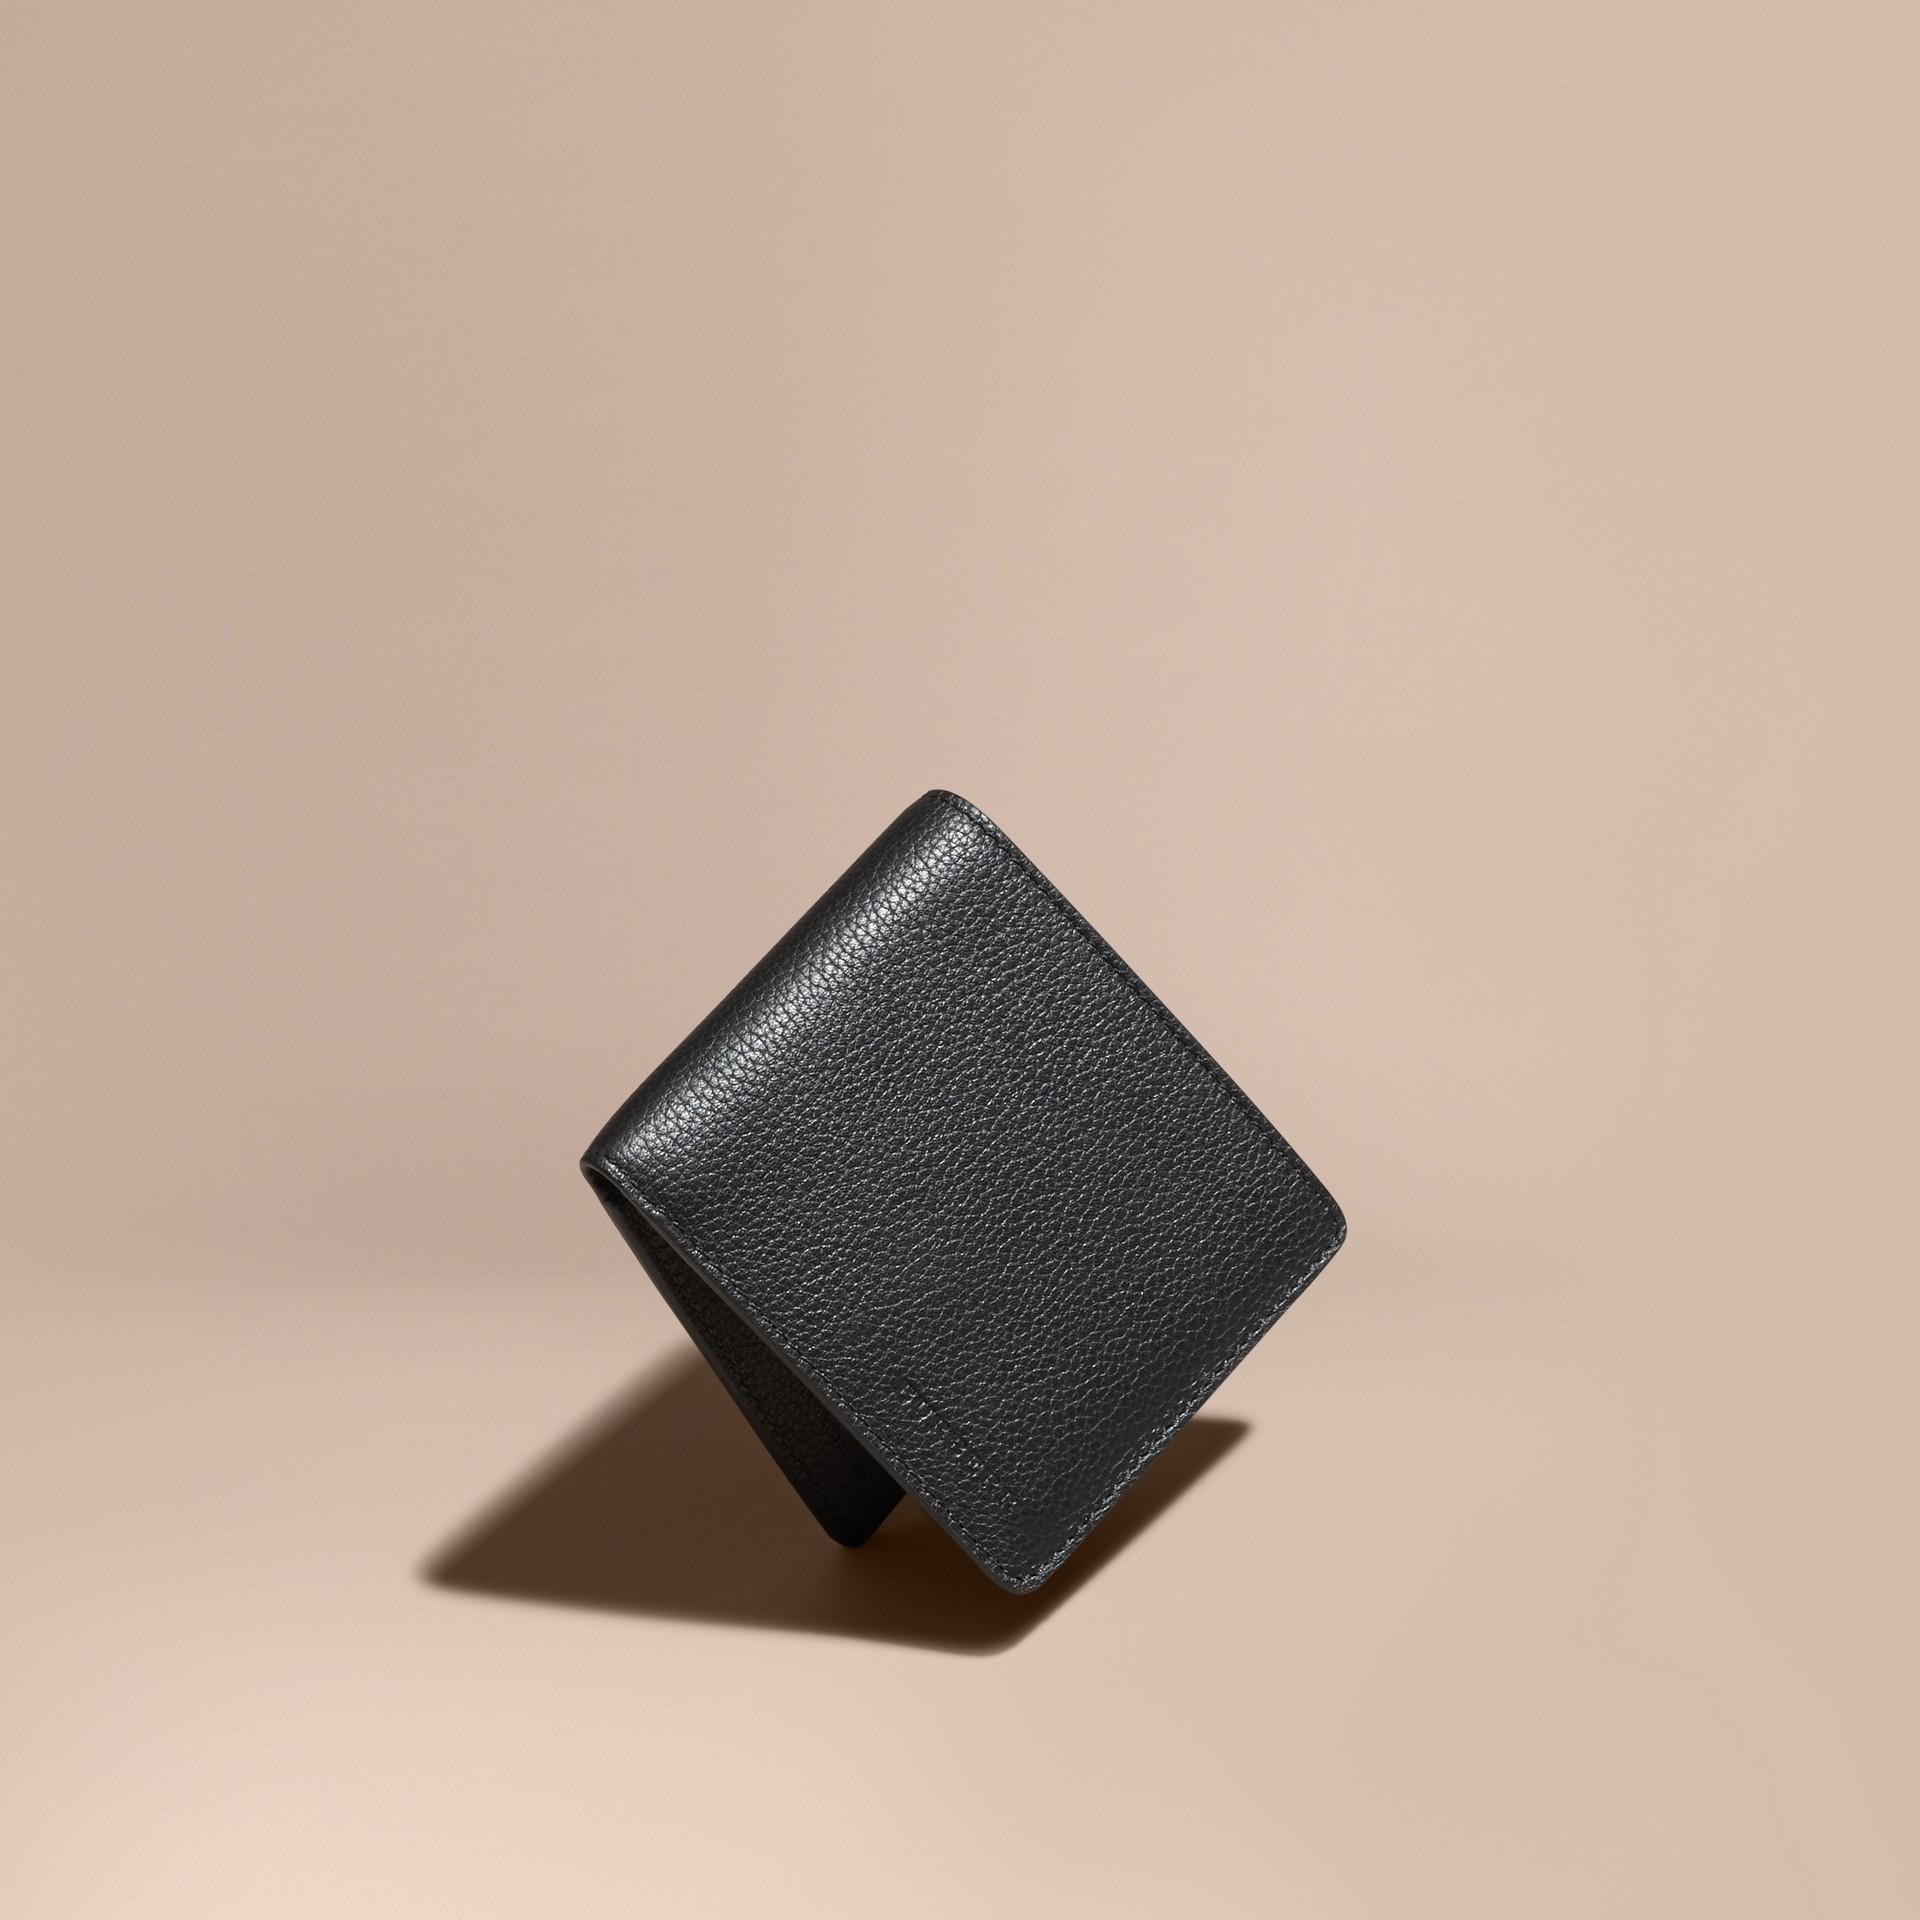 Черный Складной бумажник из кожи Черный - изображение 1